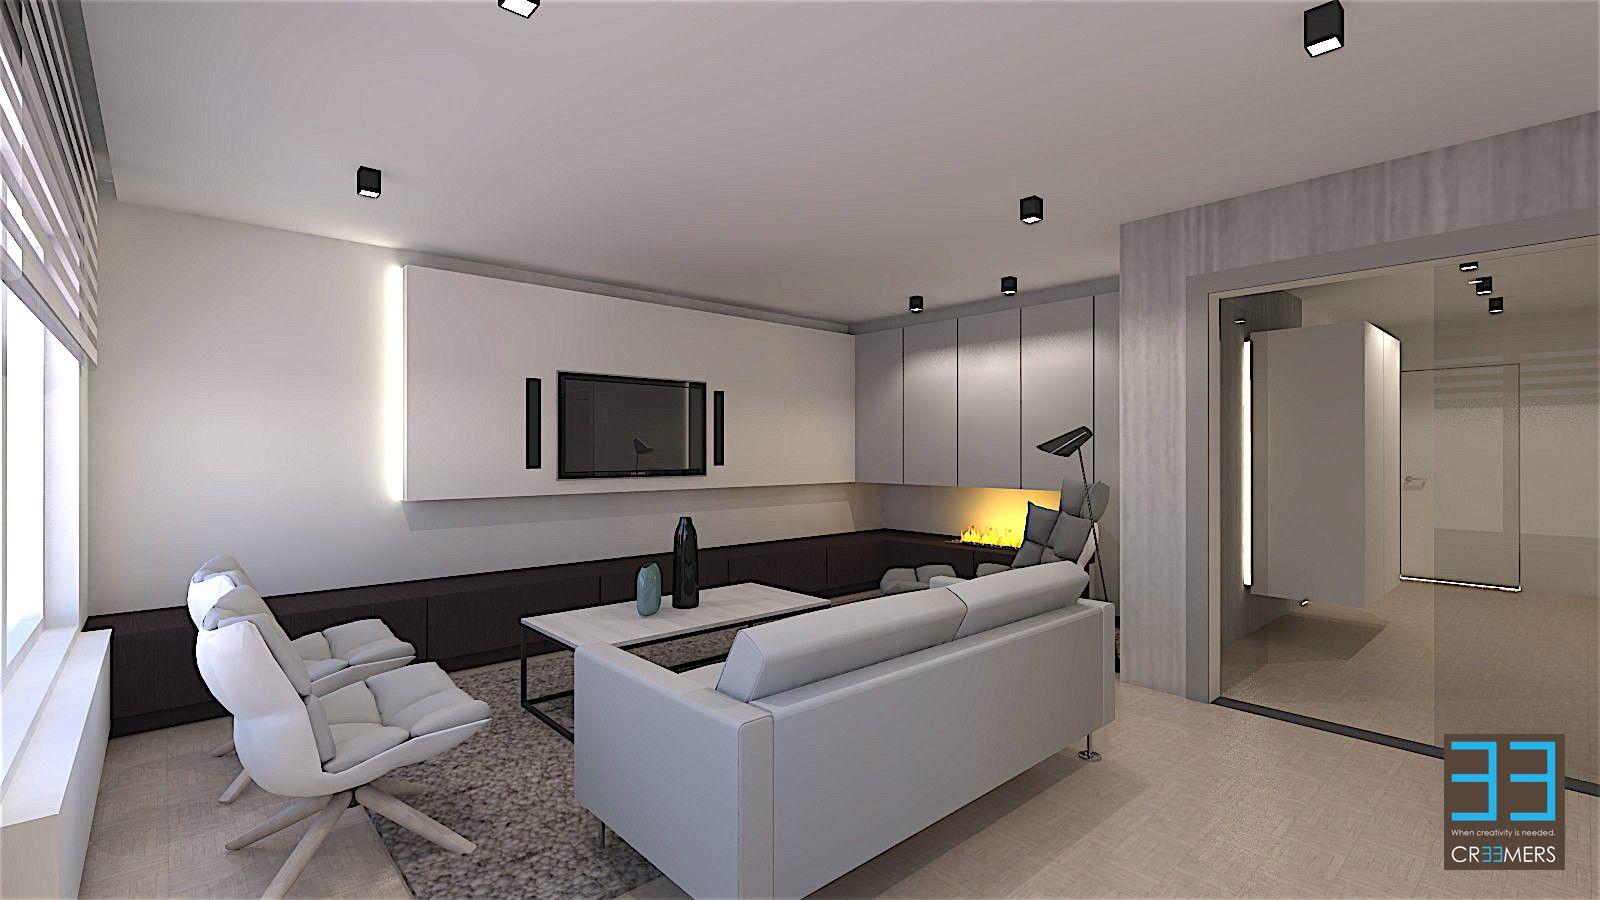 Modern Strak Interieur : Een interieurconcept van een modern strak interieur van een living